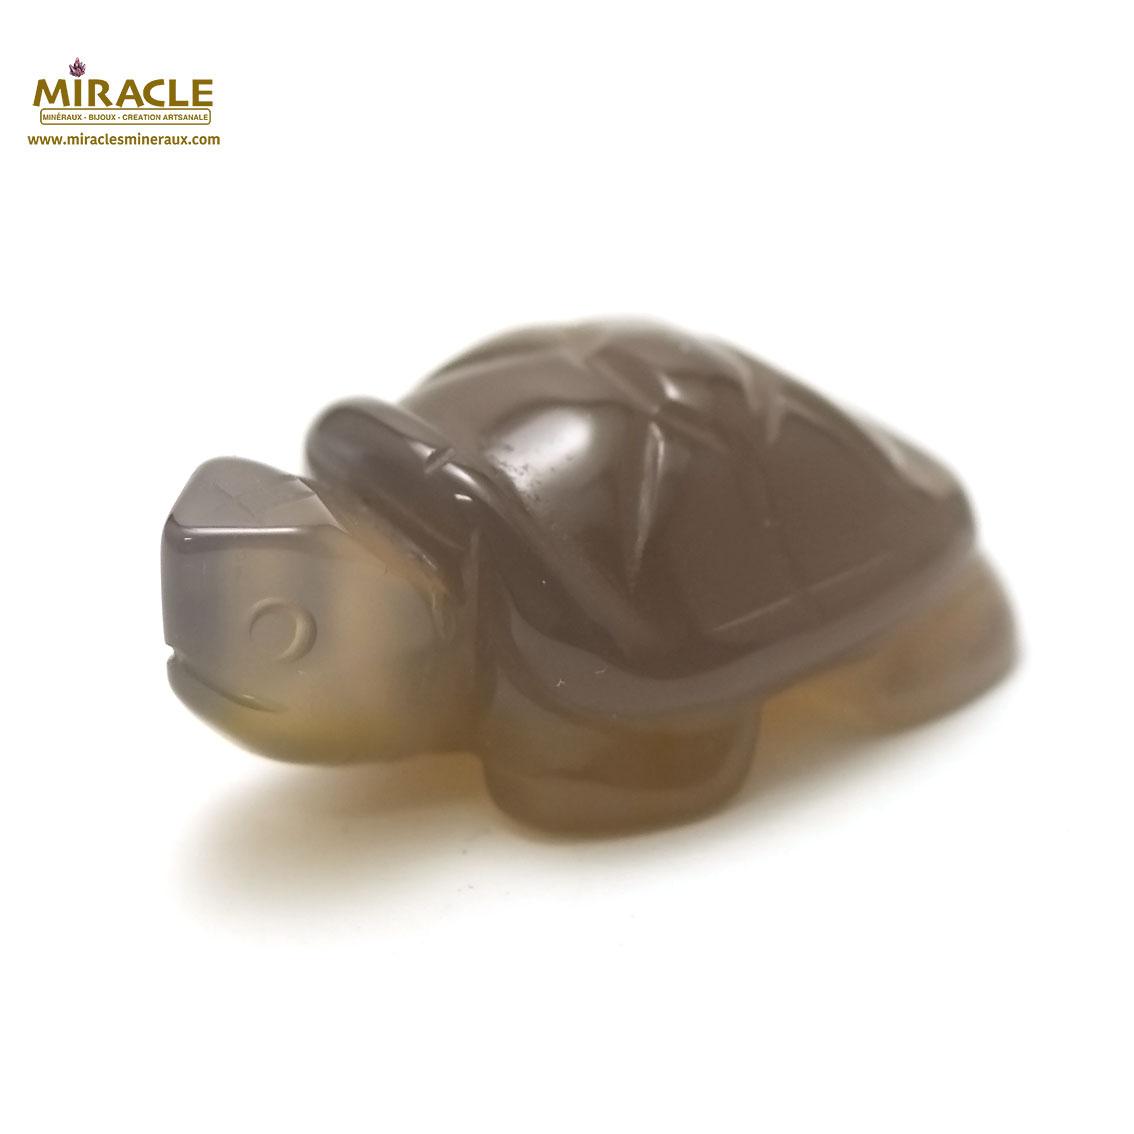 statuette minéraux tortue en pierre naturelle d\'agate gris